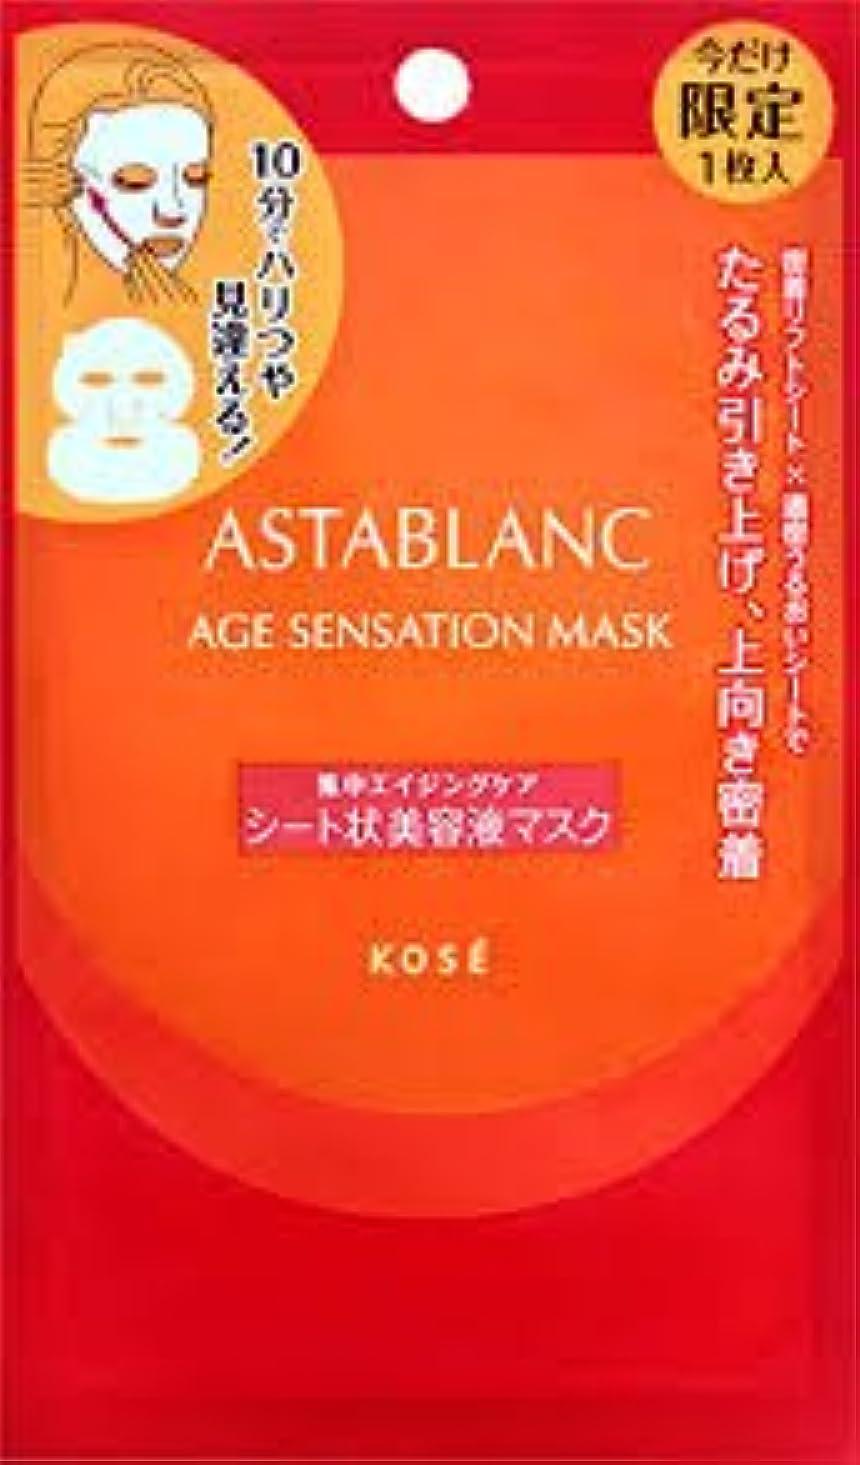 少しベイビー会社限定品 コーセー アスタブラン エイジセンセーションマスク (1枚入)